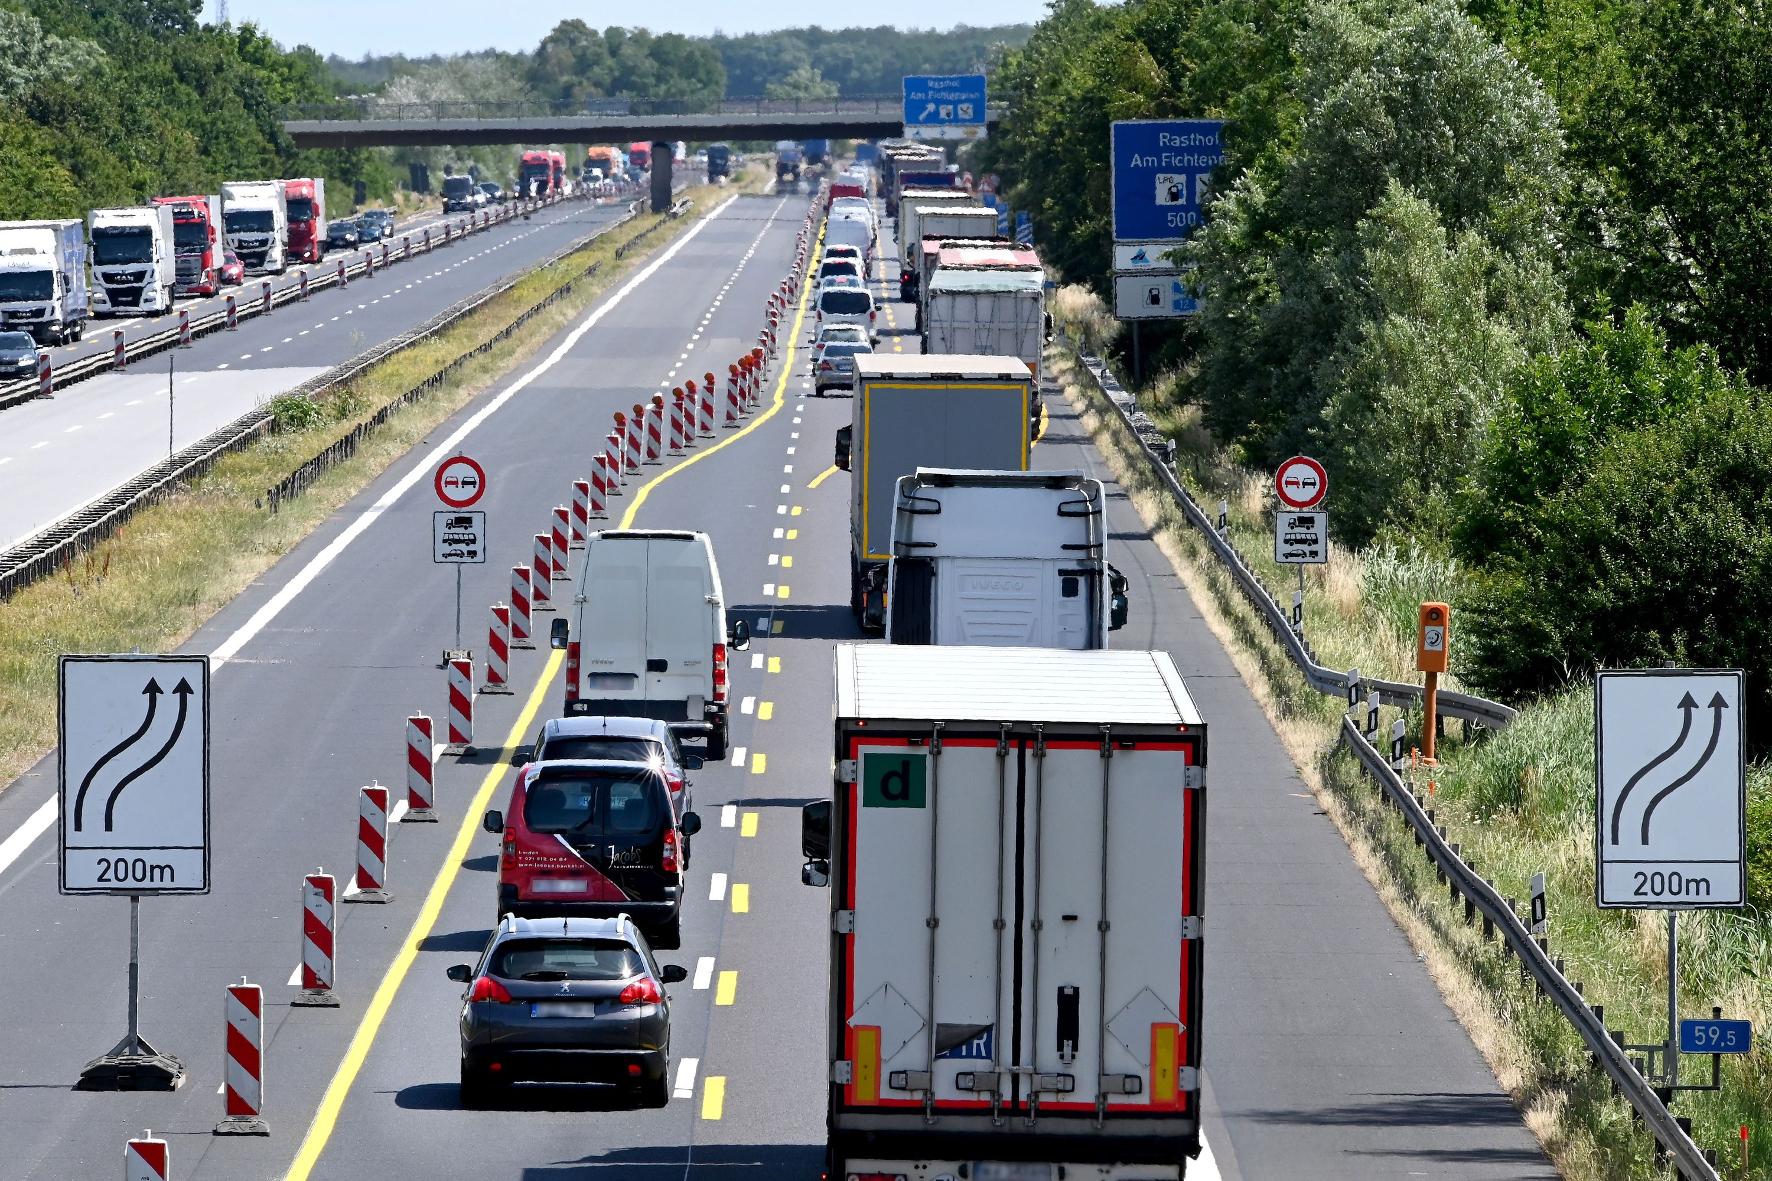 mid Groß-Gerau - Das wird eng: Verkehrsteilnehmer sollten an Autobahnbaustellen besonders konzentriert fahren und auf Überholmanöver lieber verzichten. DEKRA